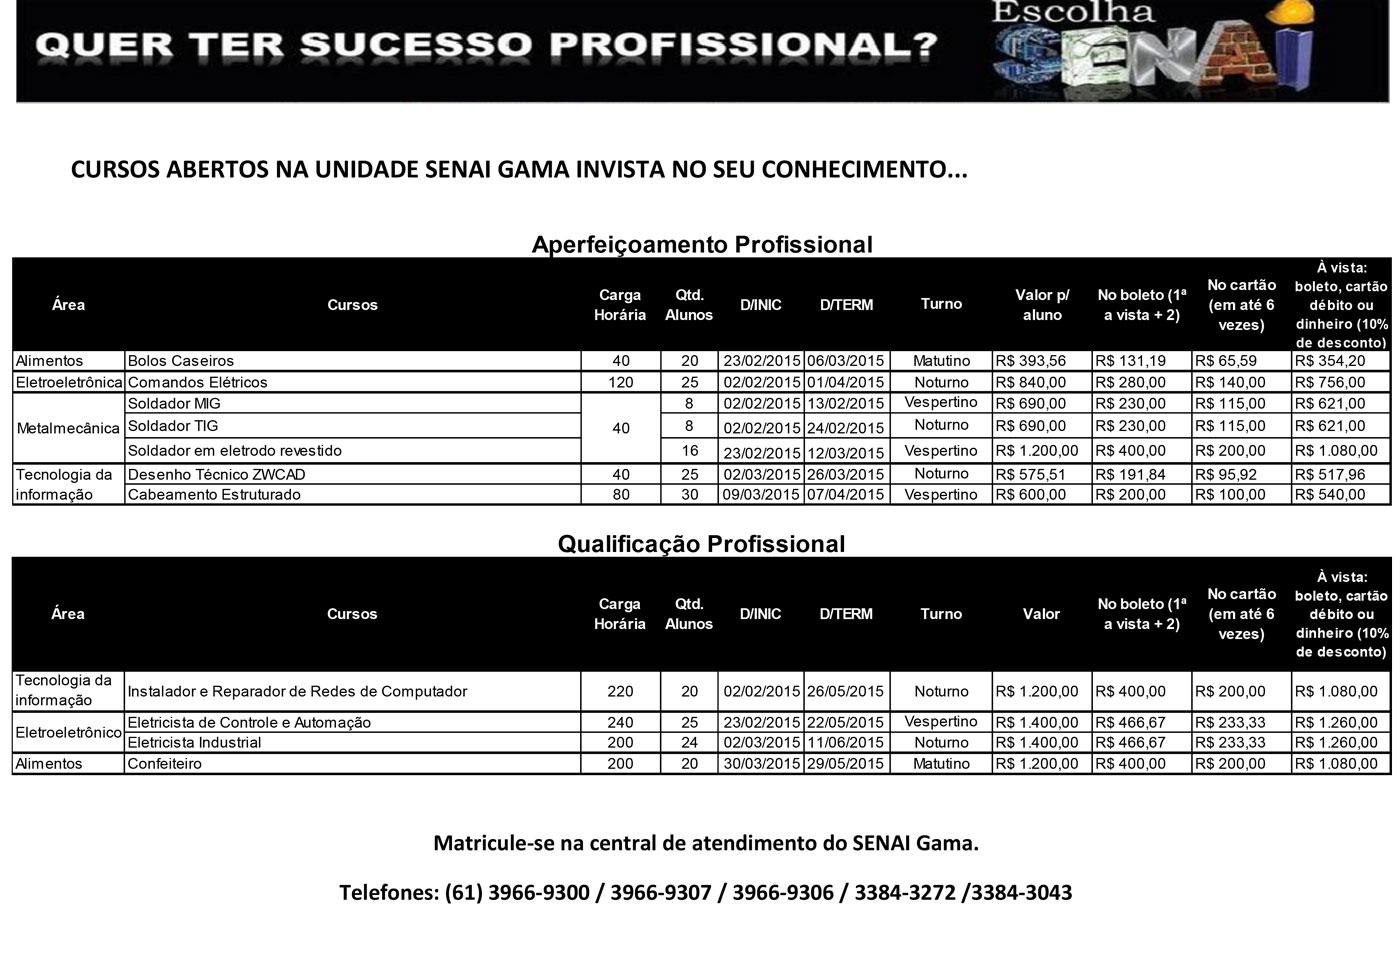 cursos ofertados pelas unidades do senai df